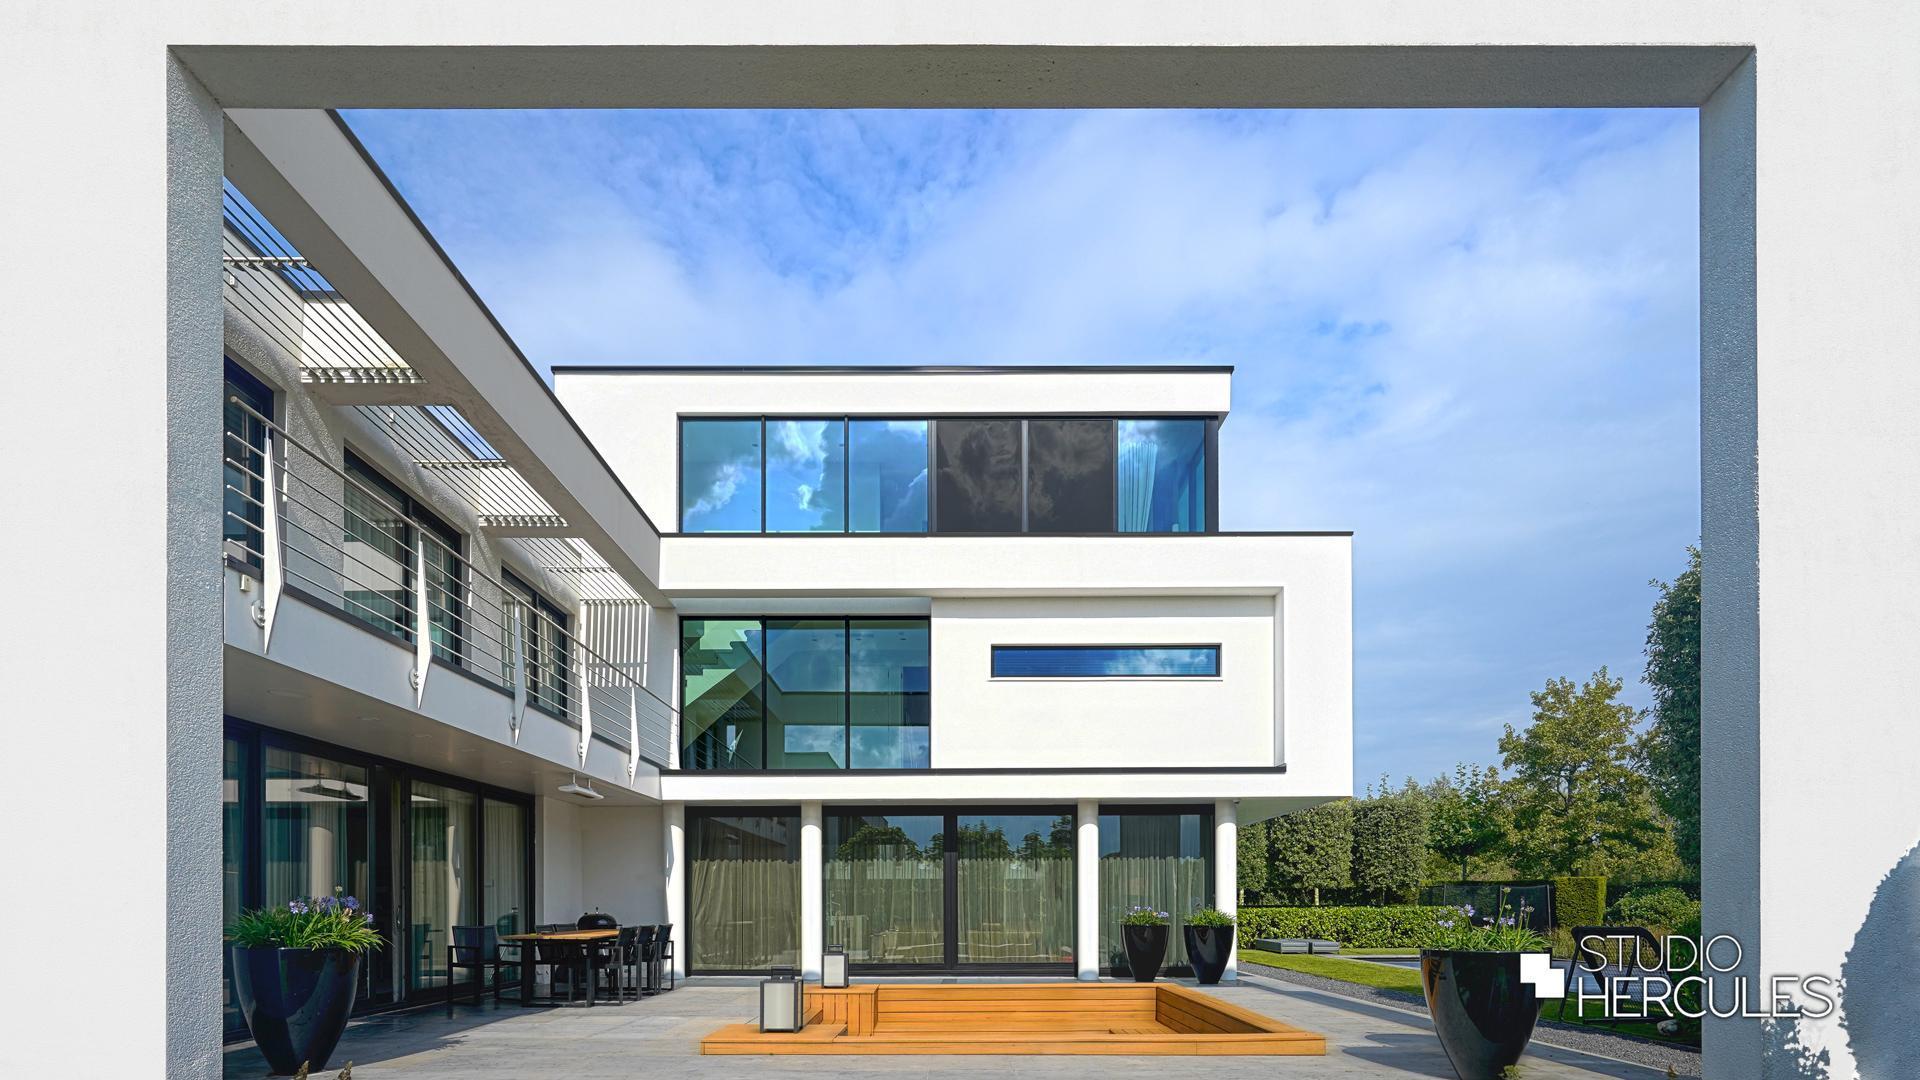 StudioHercules zijgevel van moderne villa met witte kaders.